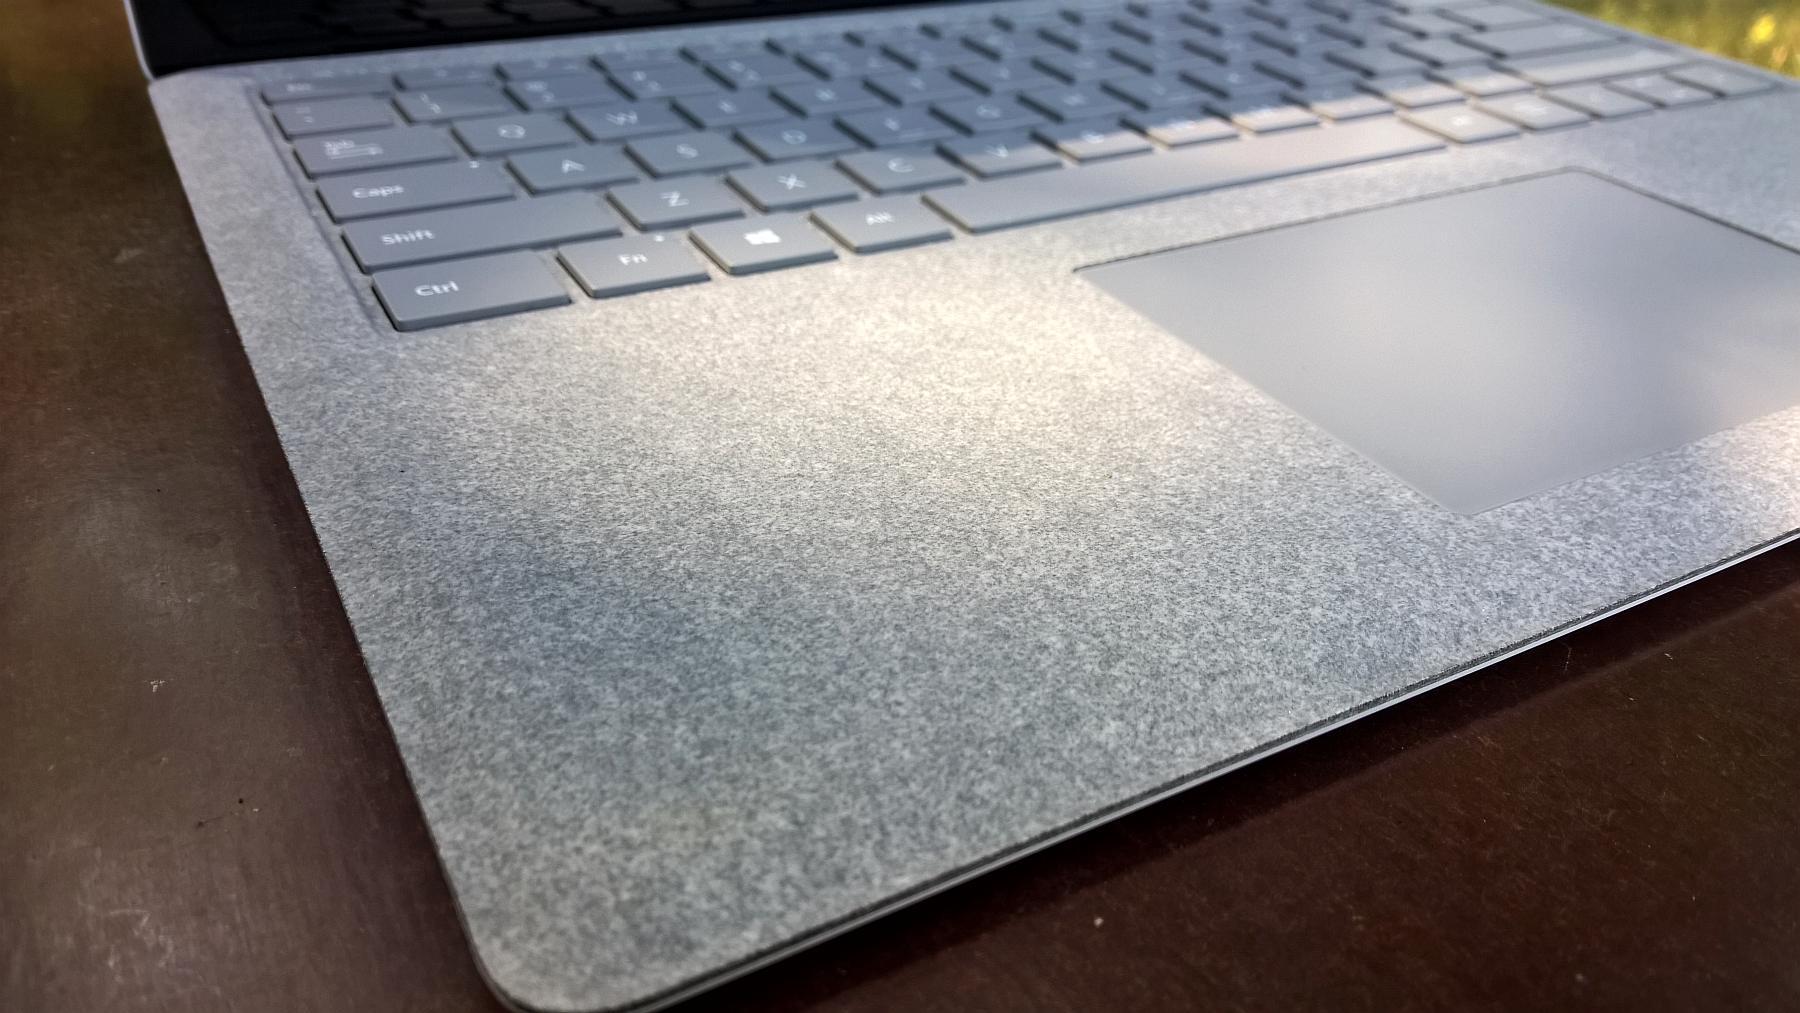 microsoft surface klawiatura i touchpad